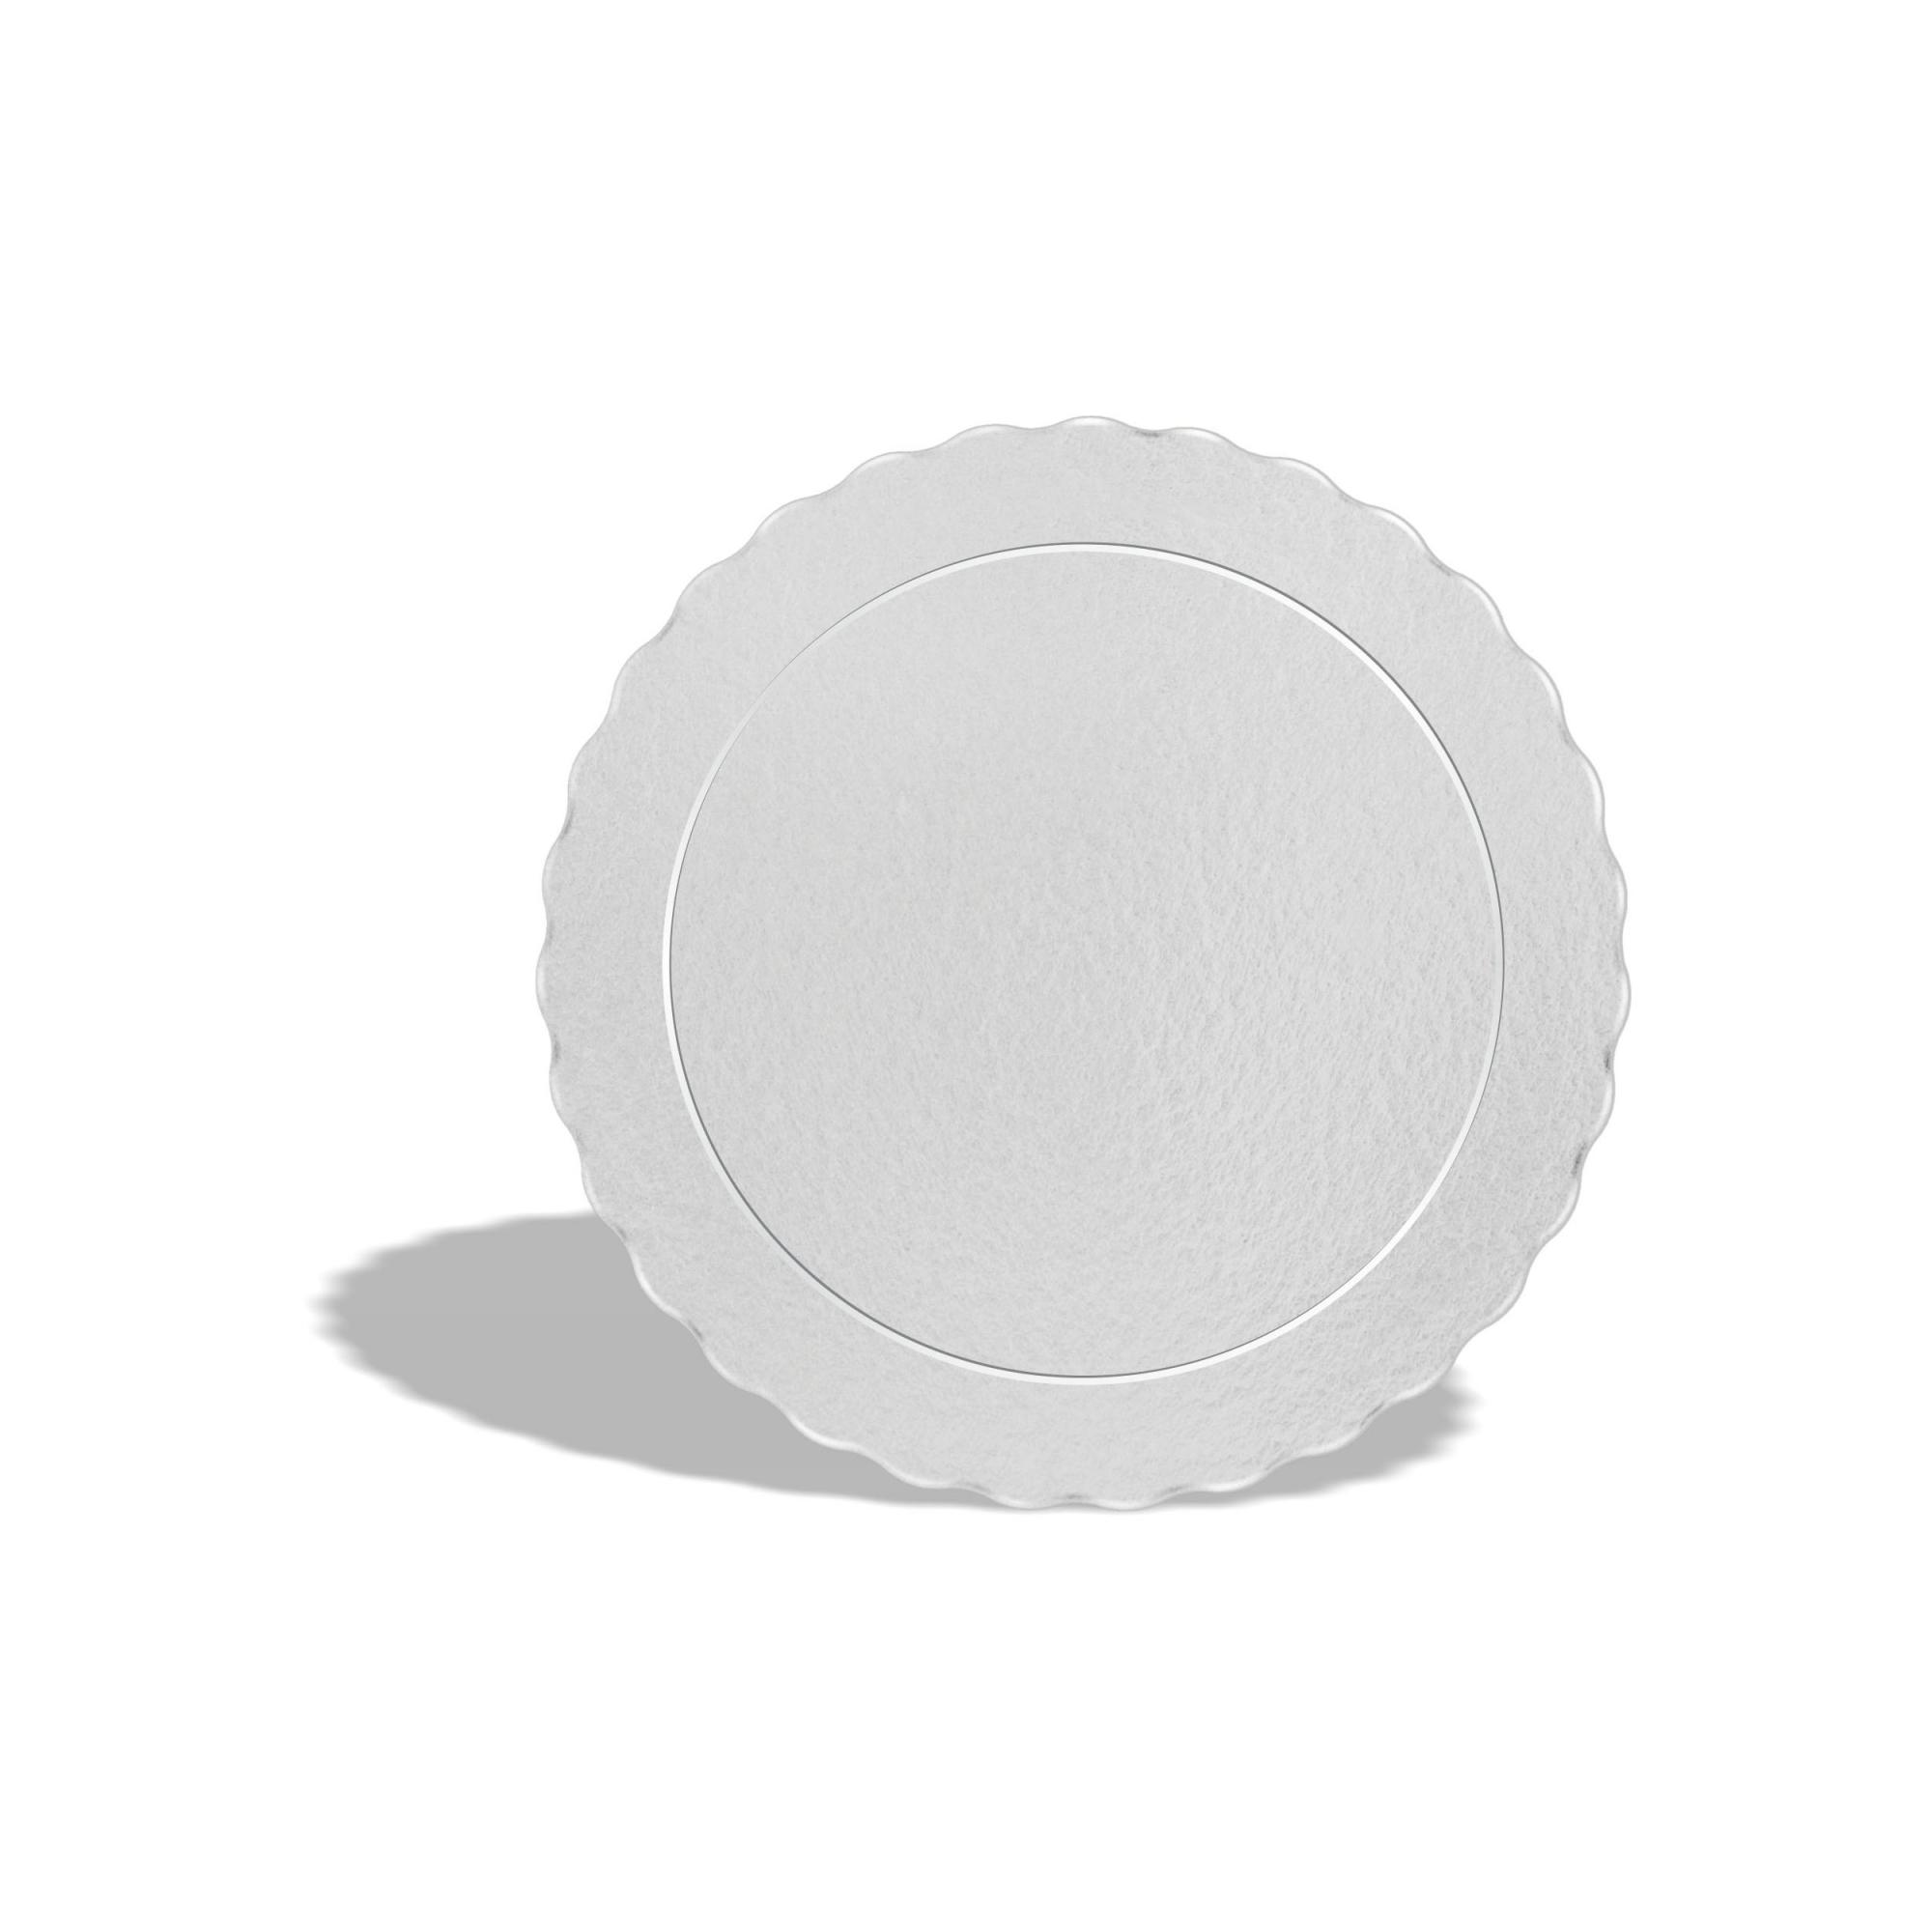 200 Bases Laminadas Para Bolo Redondo, Cake Board 21cm - Branco